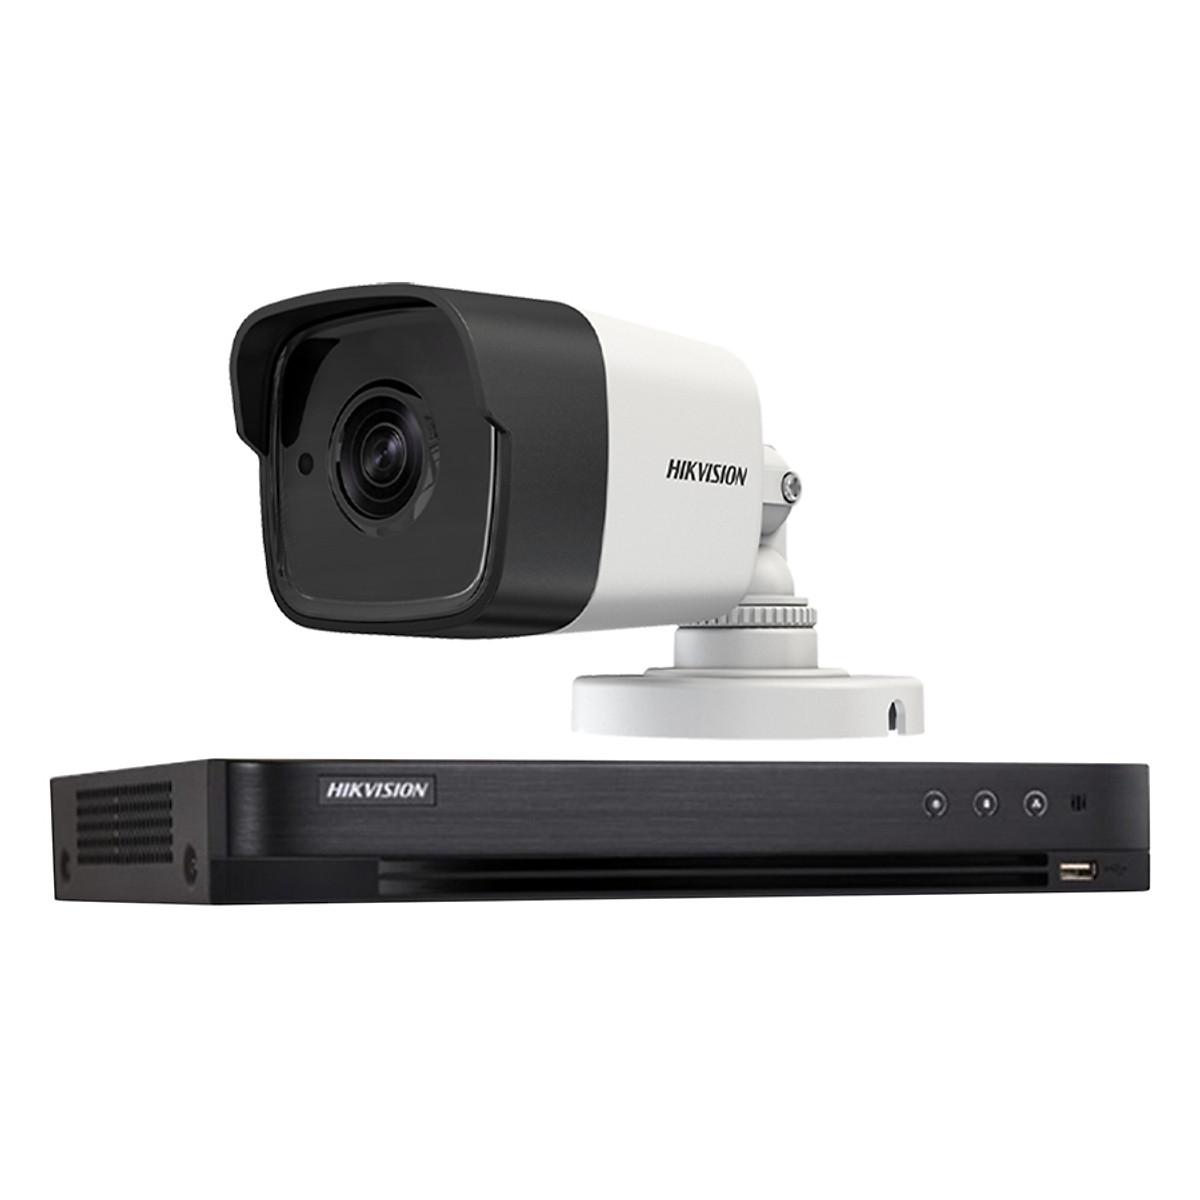 Trọn bộ 1 Camera giám sát HIKVISION TVI 5 Megapixel DS-2CE56H1T-ITM FULL 4K – Hàng chính hãng